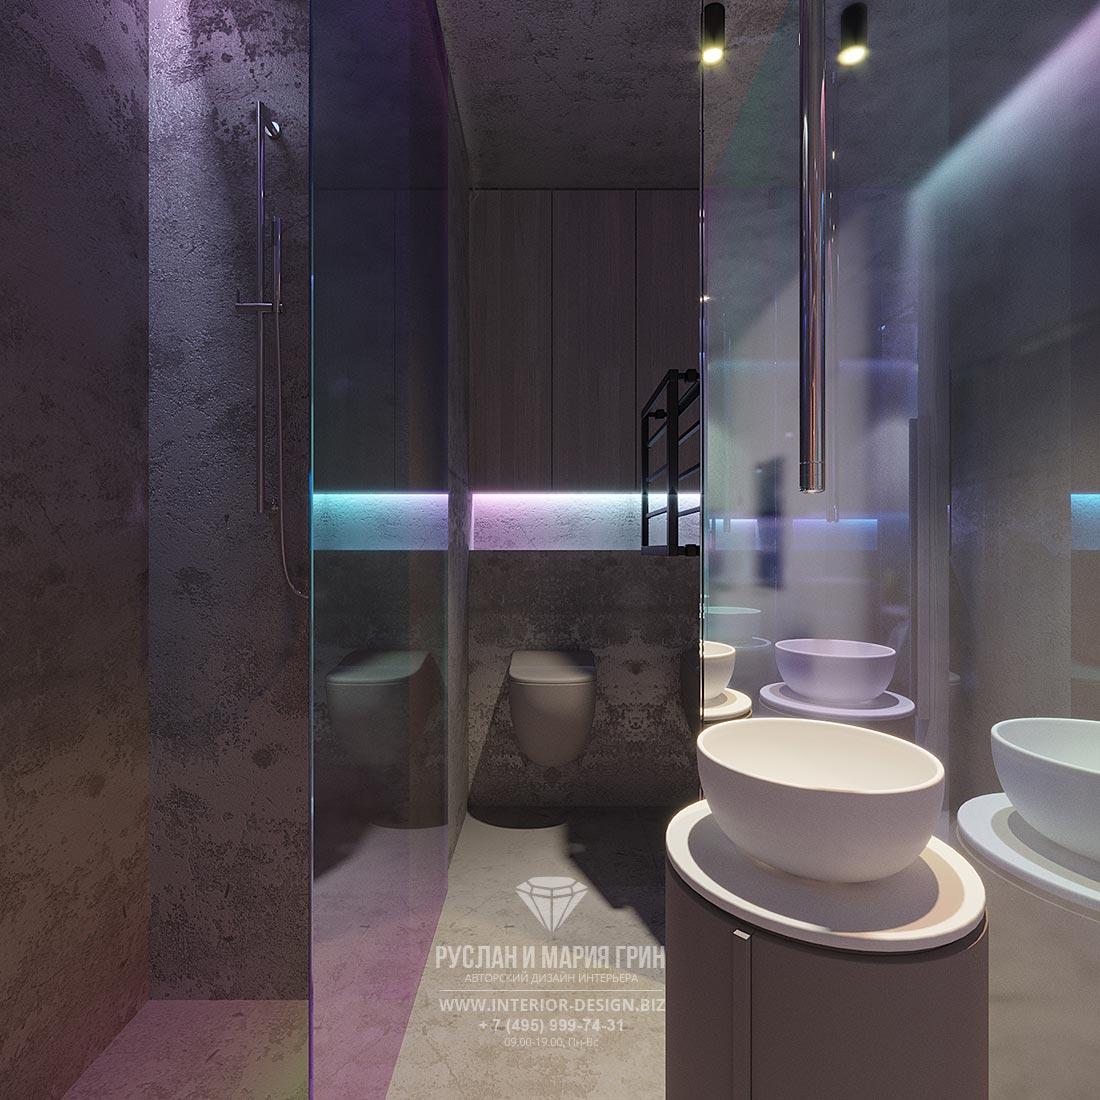 Дизайн современной ванной комнаты с бетонной отделкой